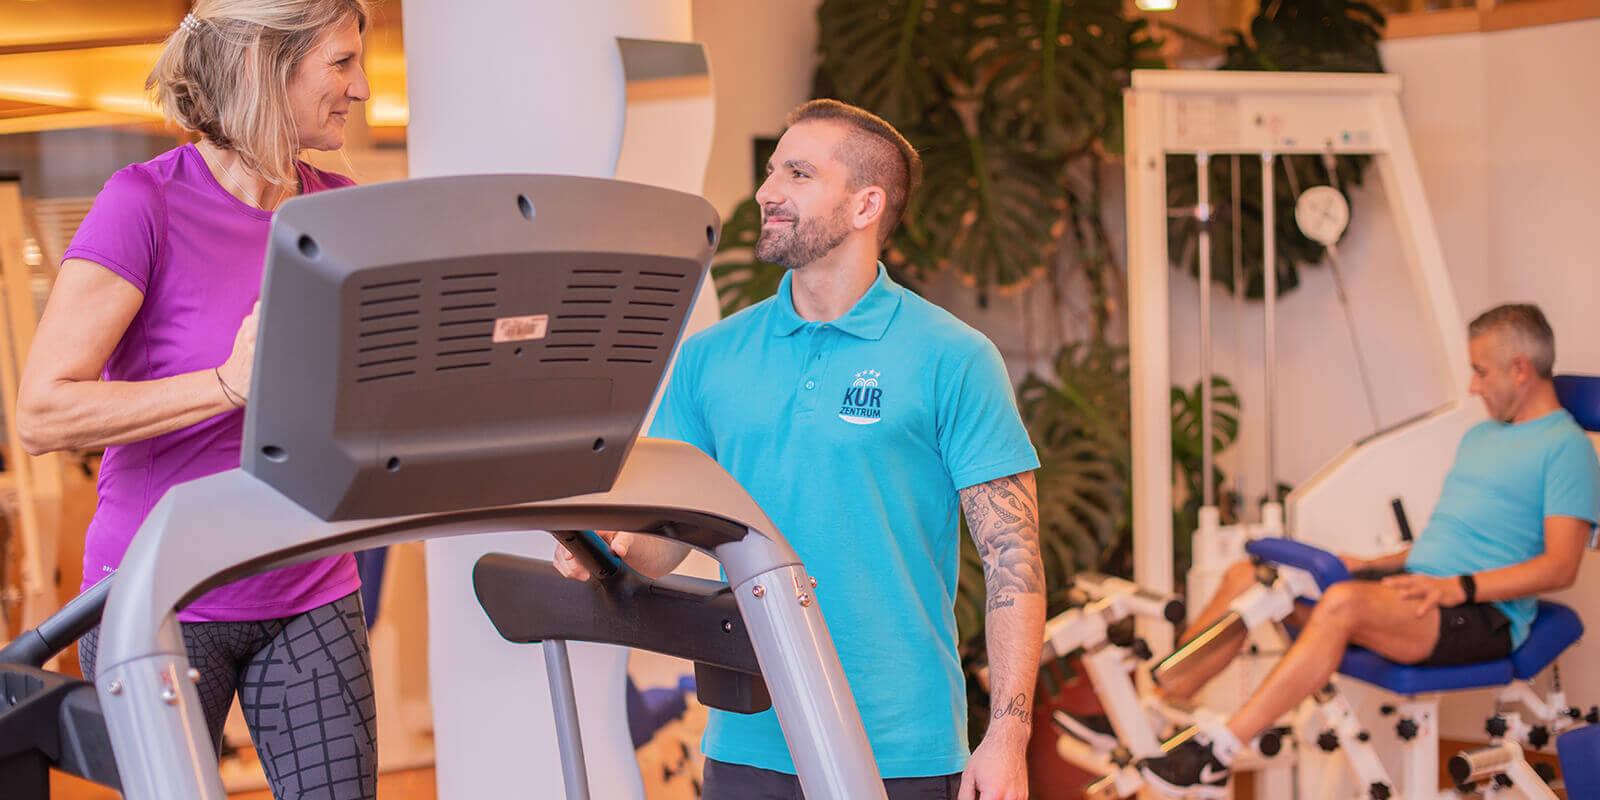 Körperliche Fitness und Gesundheit durch Ausdauertraining während Ihres Gesundheitsurlaubs